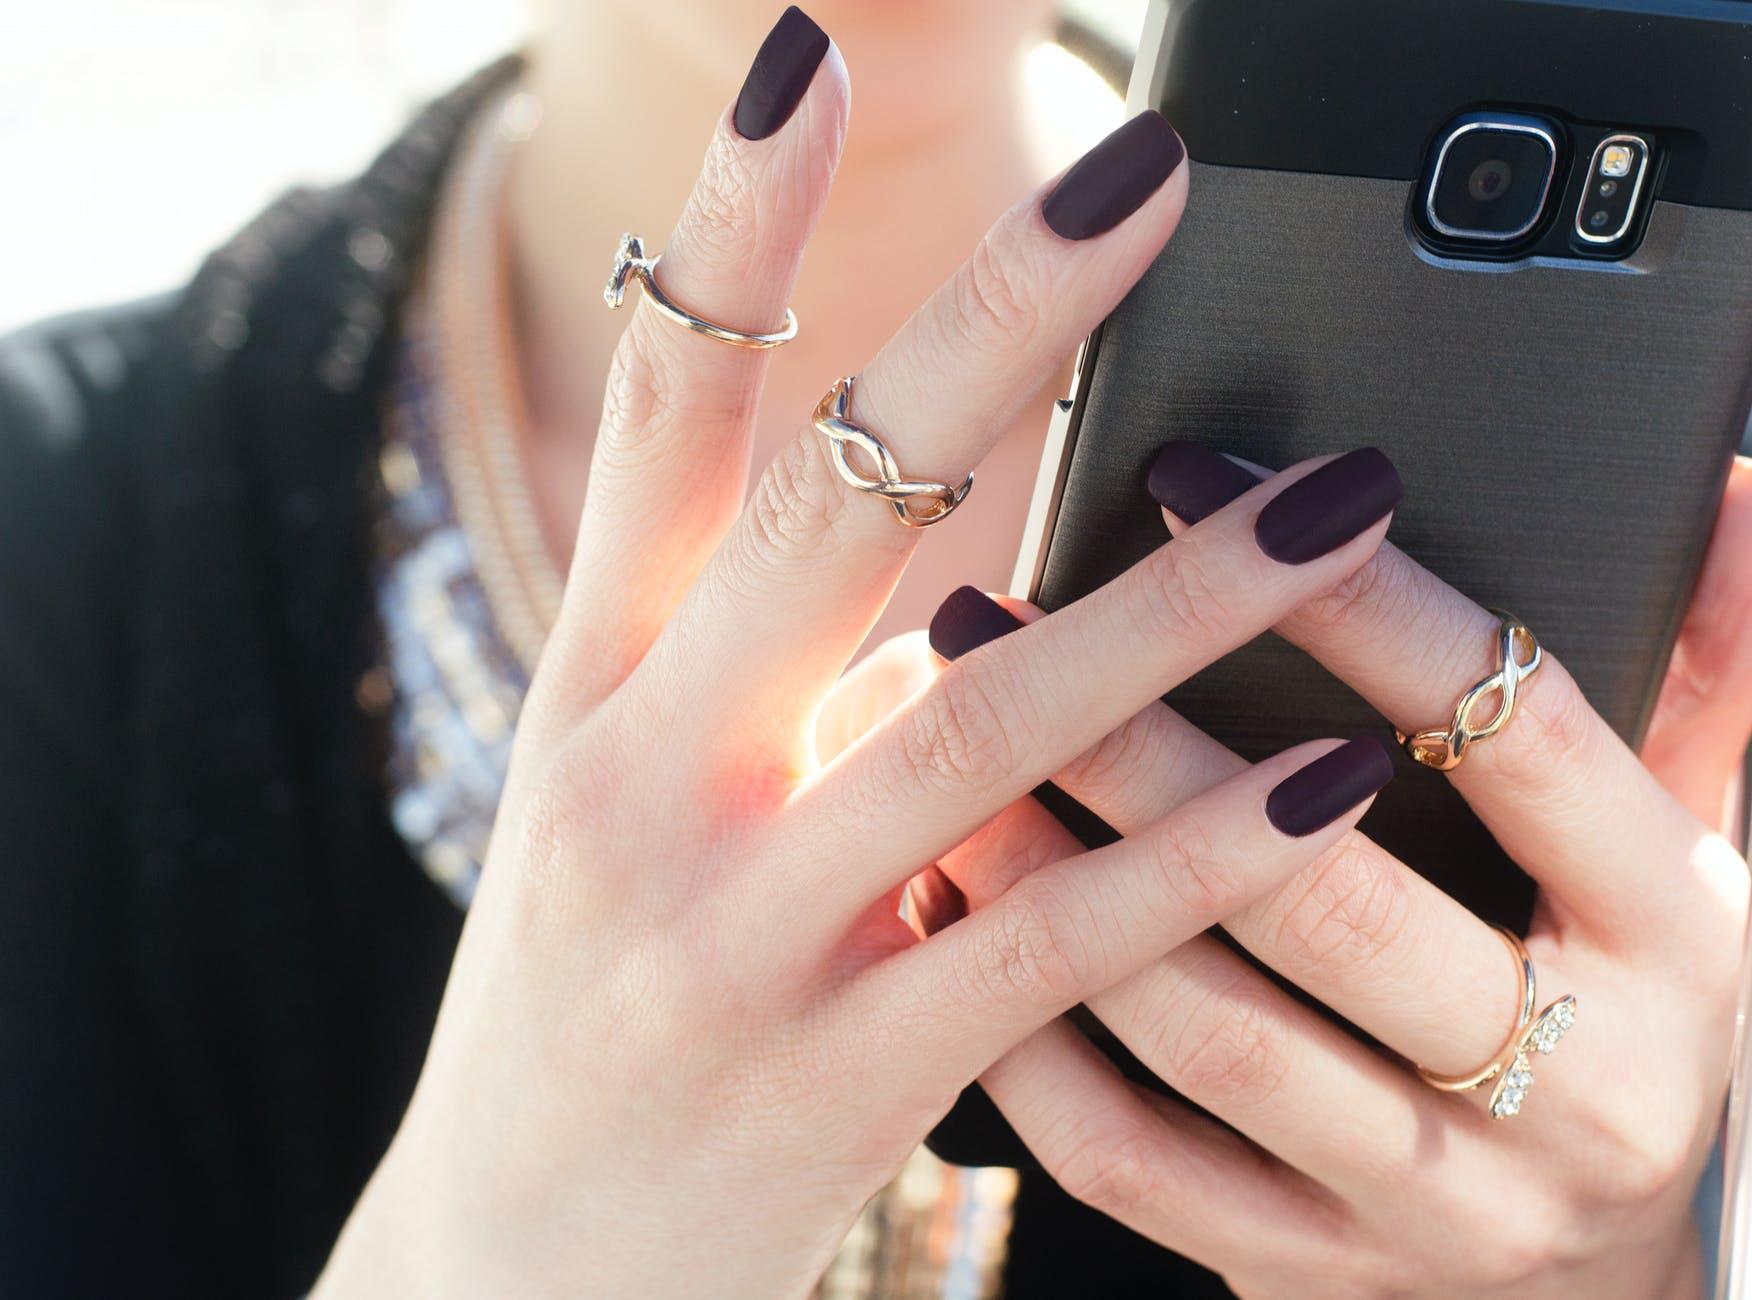 Какое наращивание ногтей лучше?